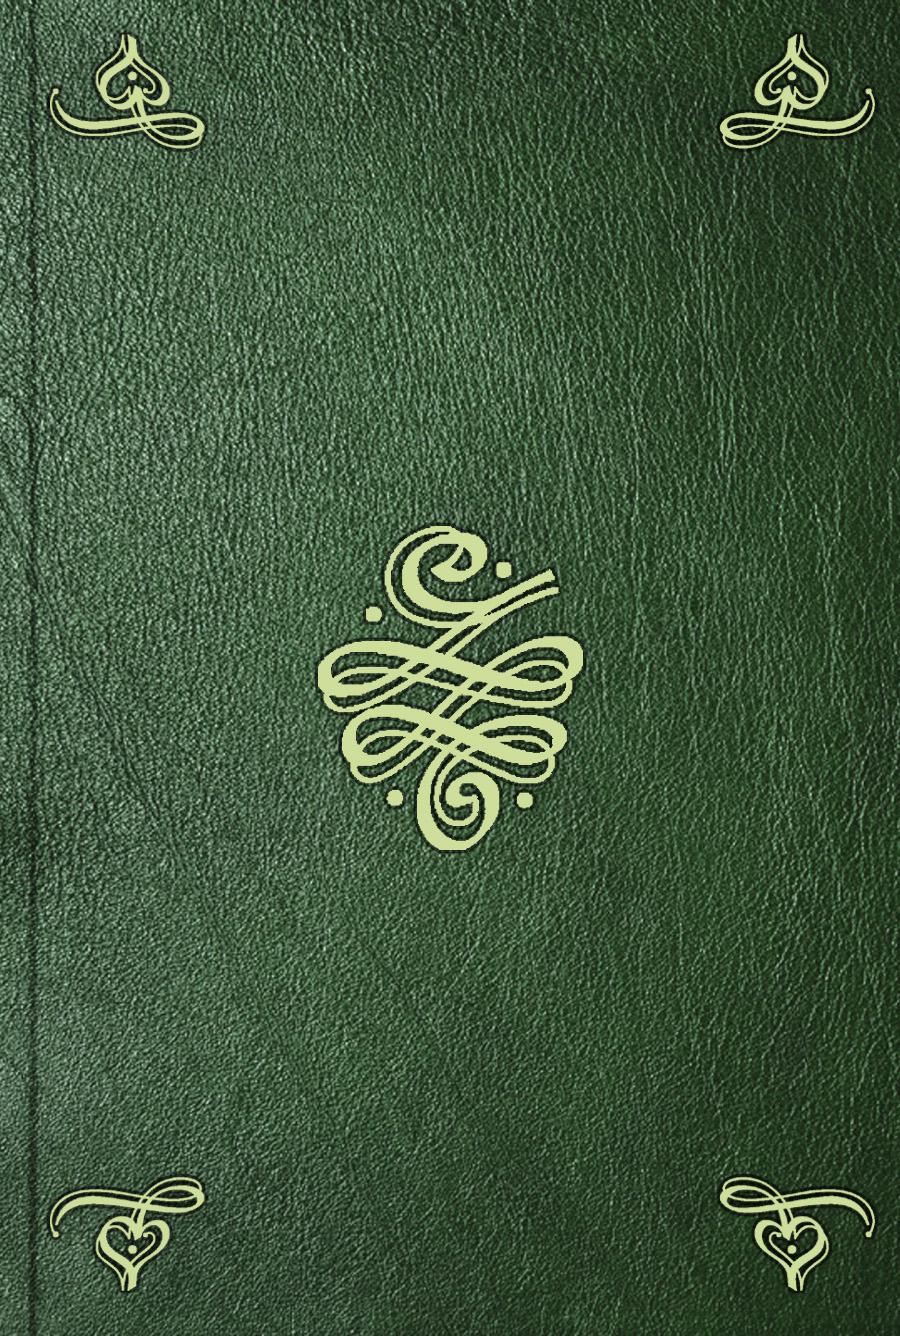 Жан-Жак Руссо Dictionnaire de musique. T. 1 жан жак руссо collection complete des oeuvres de j j rousseau volume 11 french edition